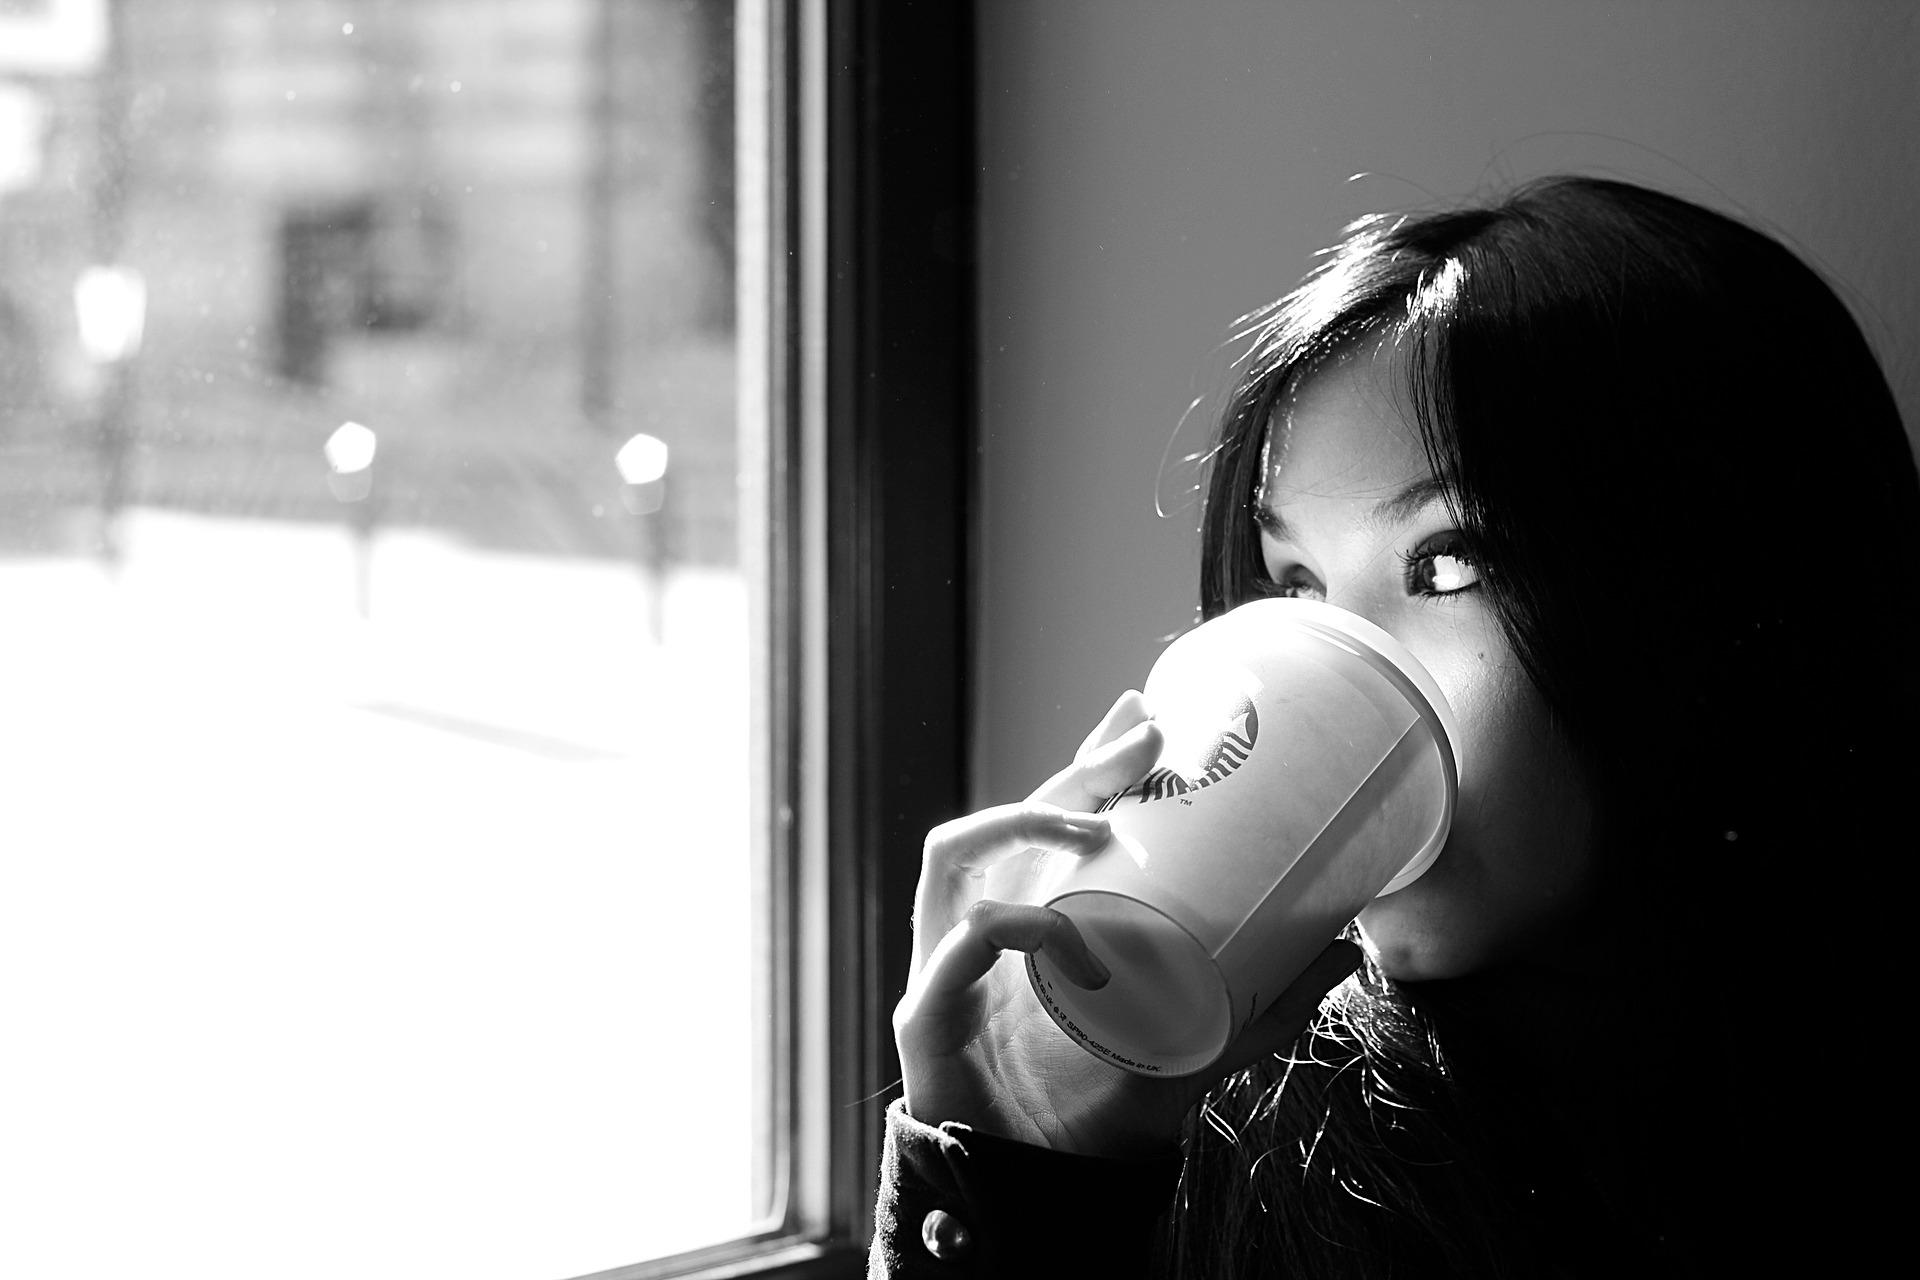 女性, コーヒー, ドリンク, 外観, 思考, 憂鬱, 黒と白の - HD の壁紙 - 教授-falken.com